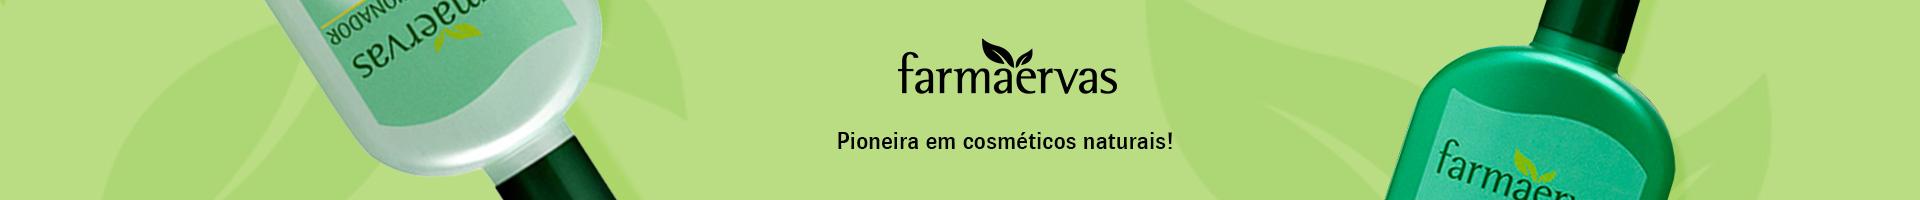 Farmaervas